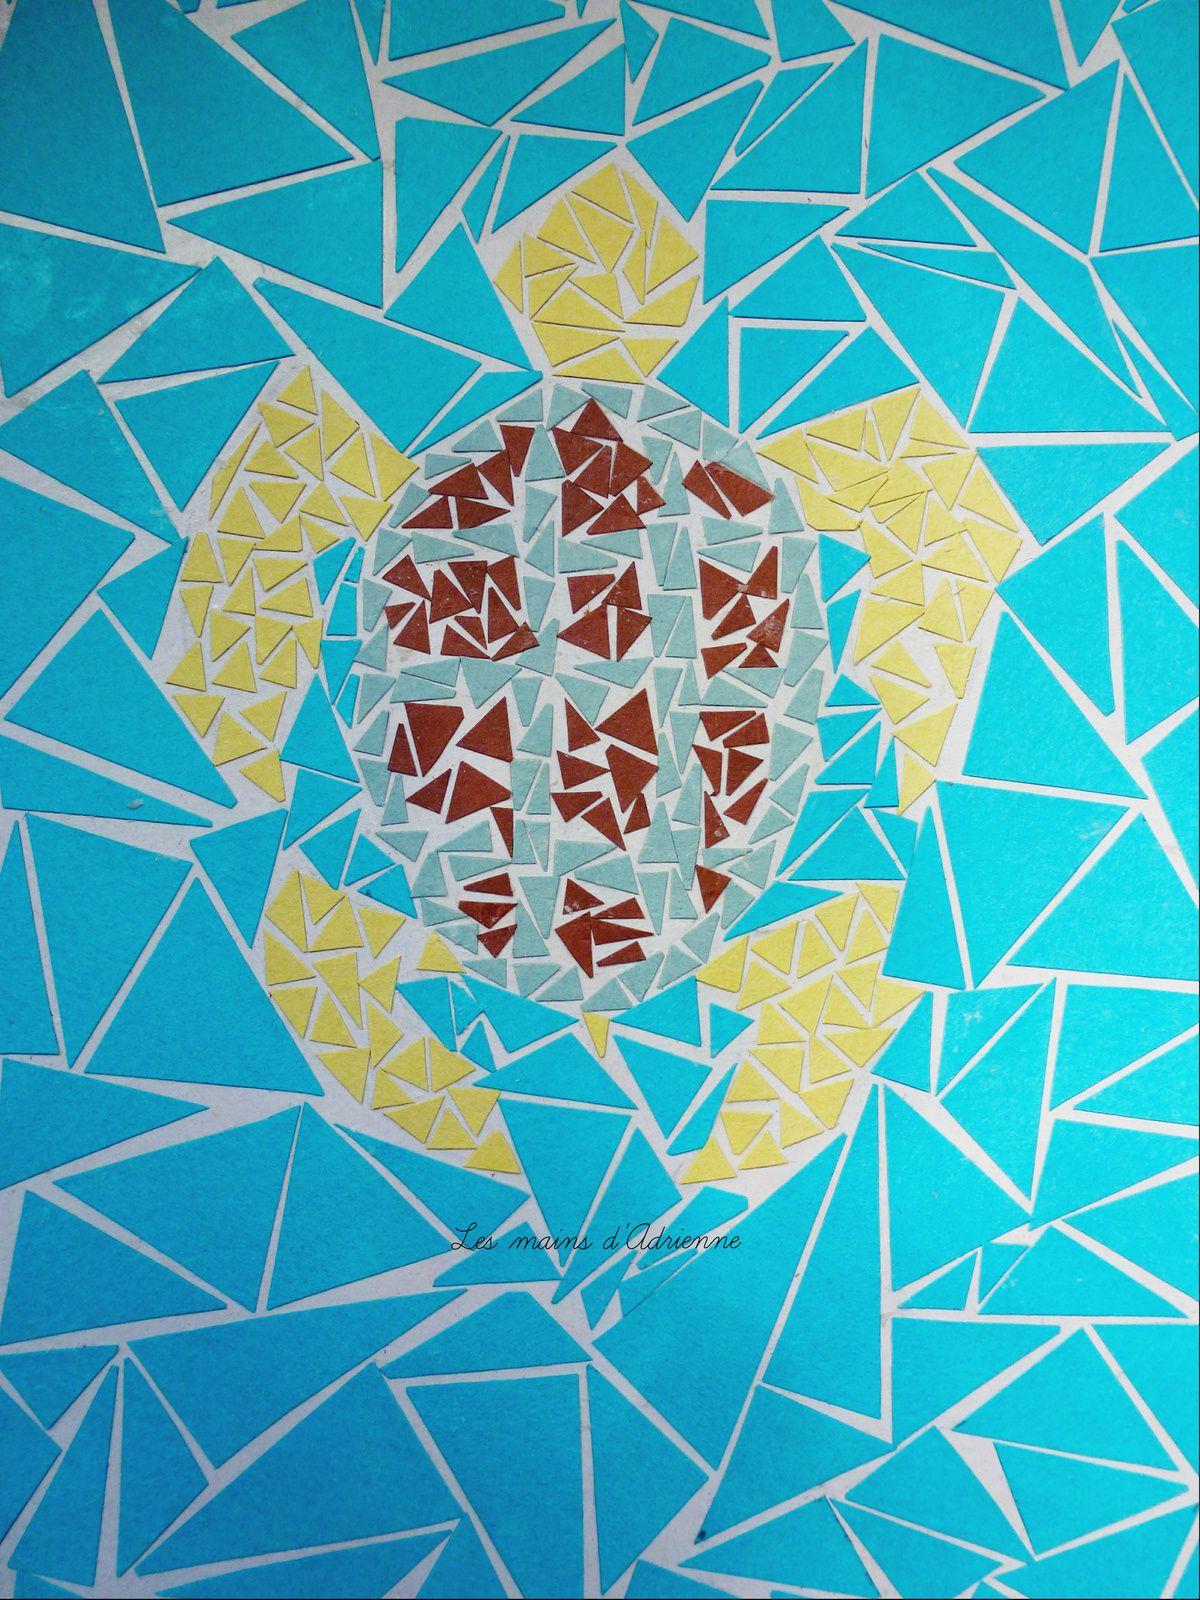 Mosaïque #1: Tortue En Papier - Les Mains D'adrienne serapportantà Support Pour Mosaique